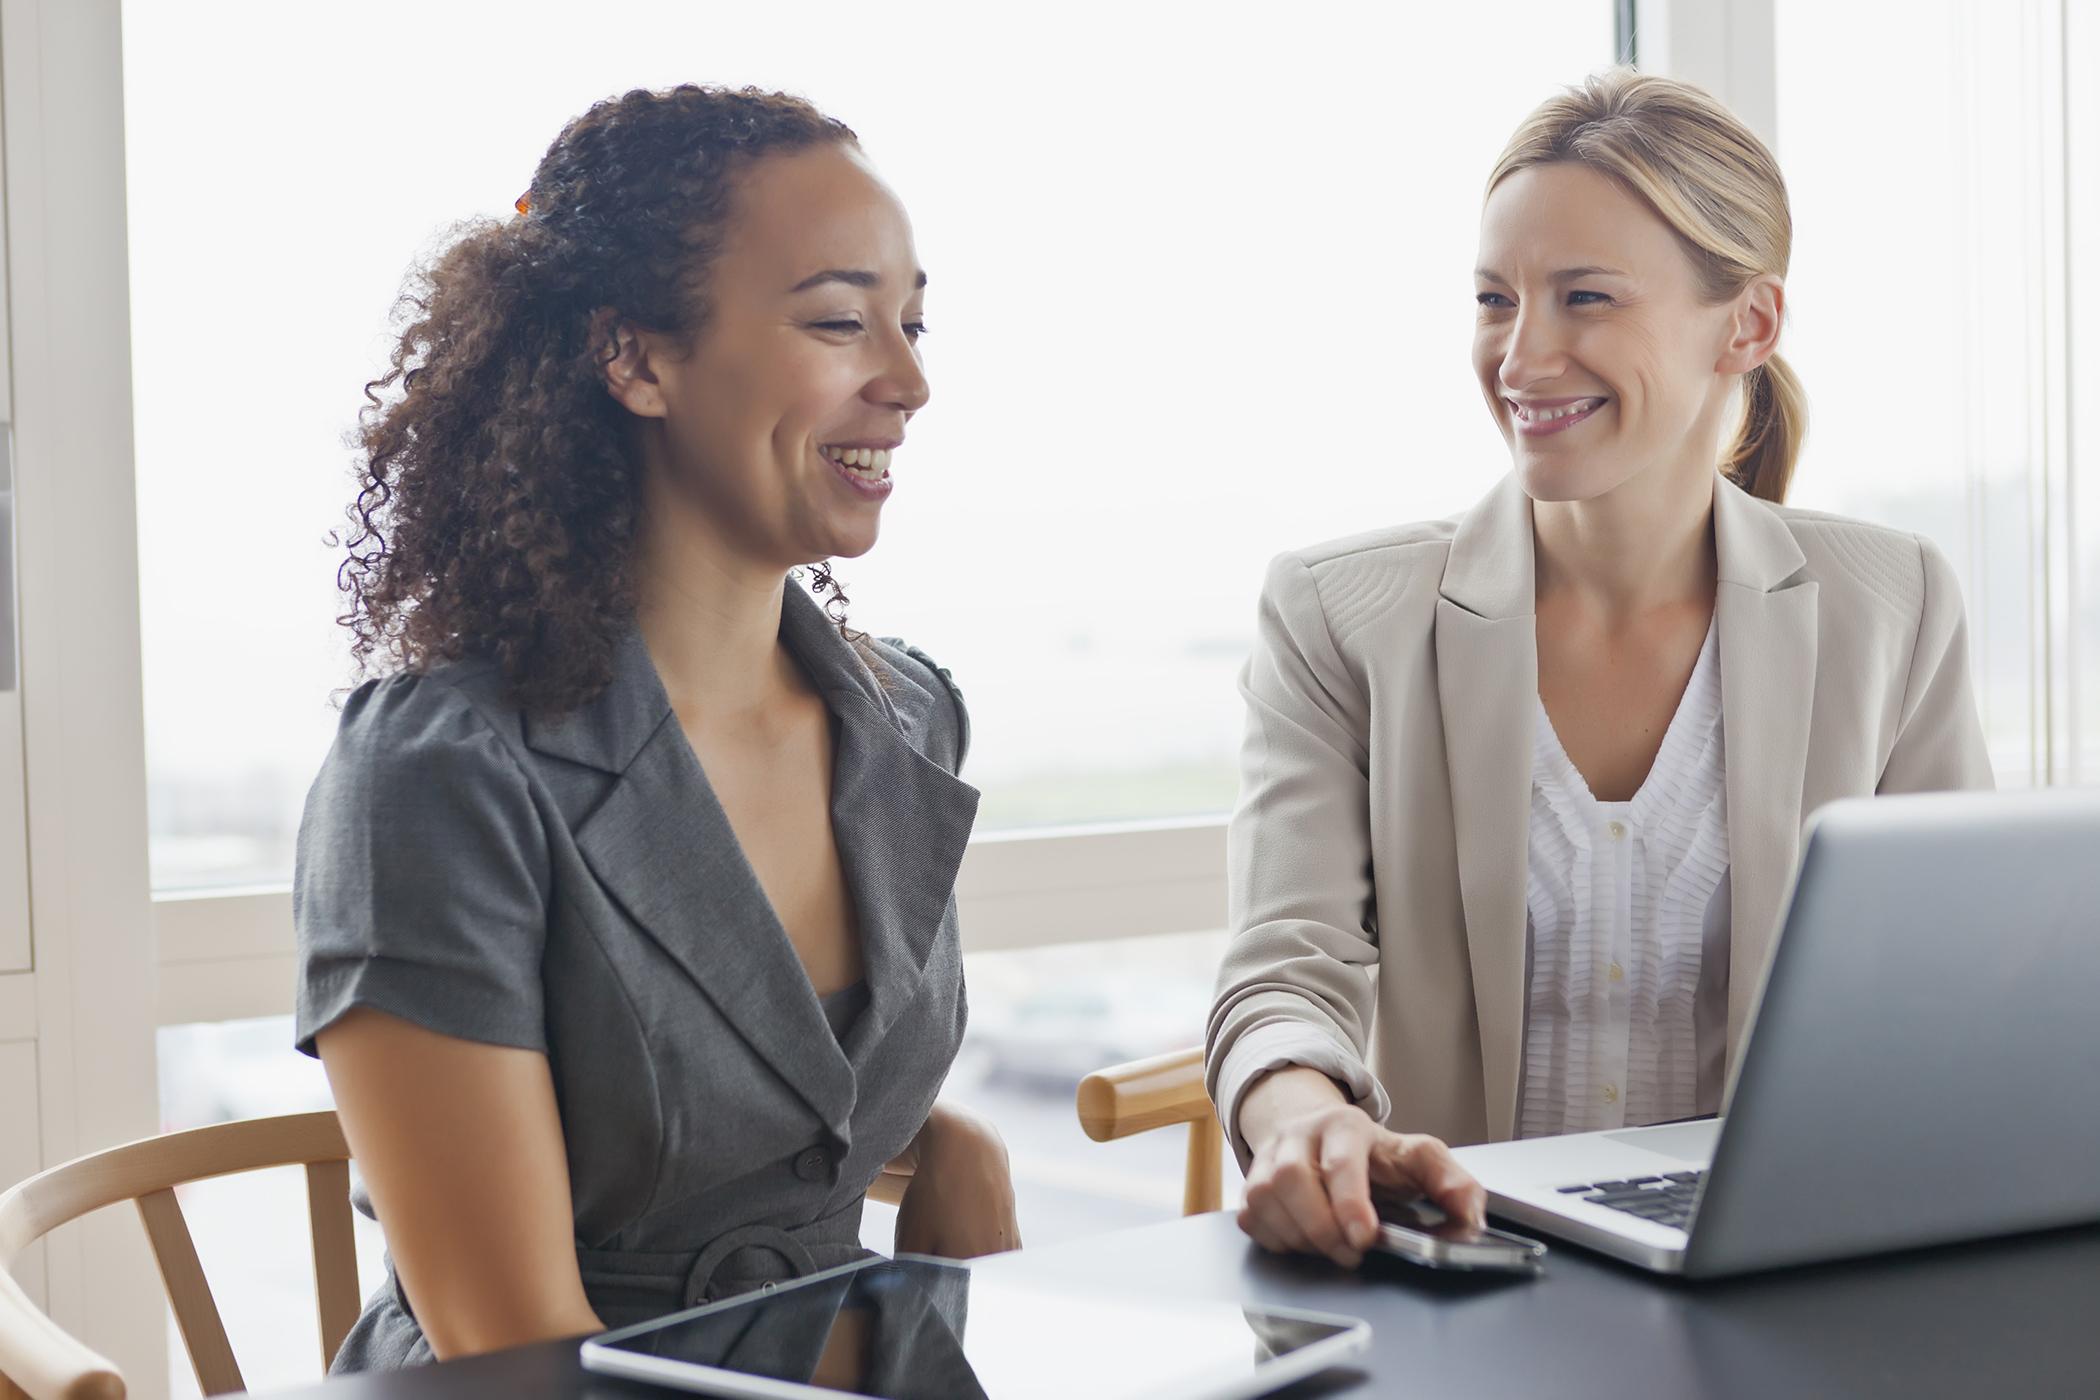 Meeting a job recruiter